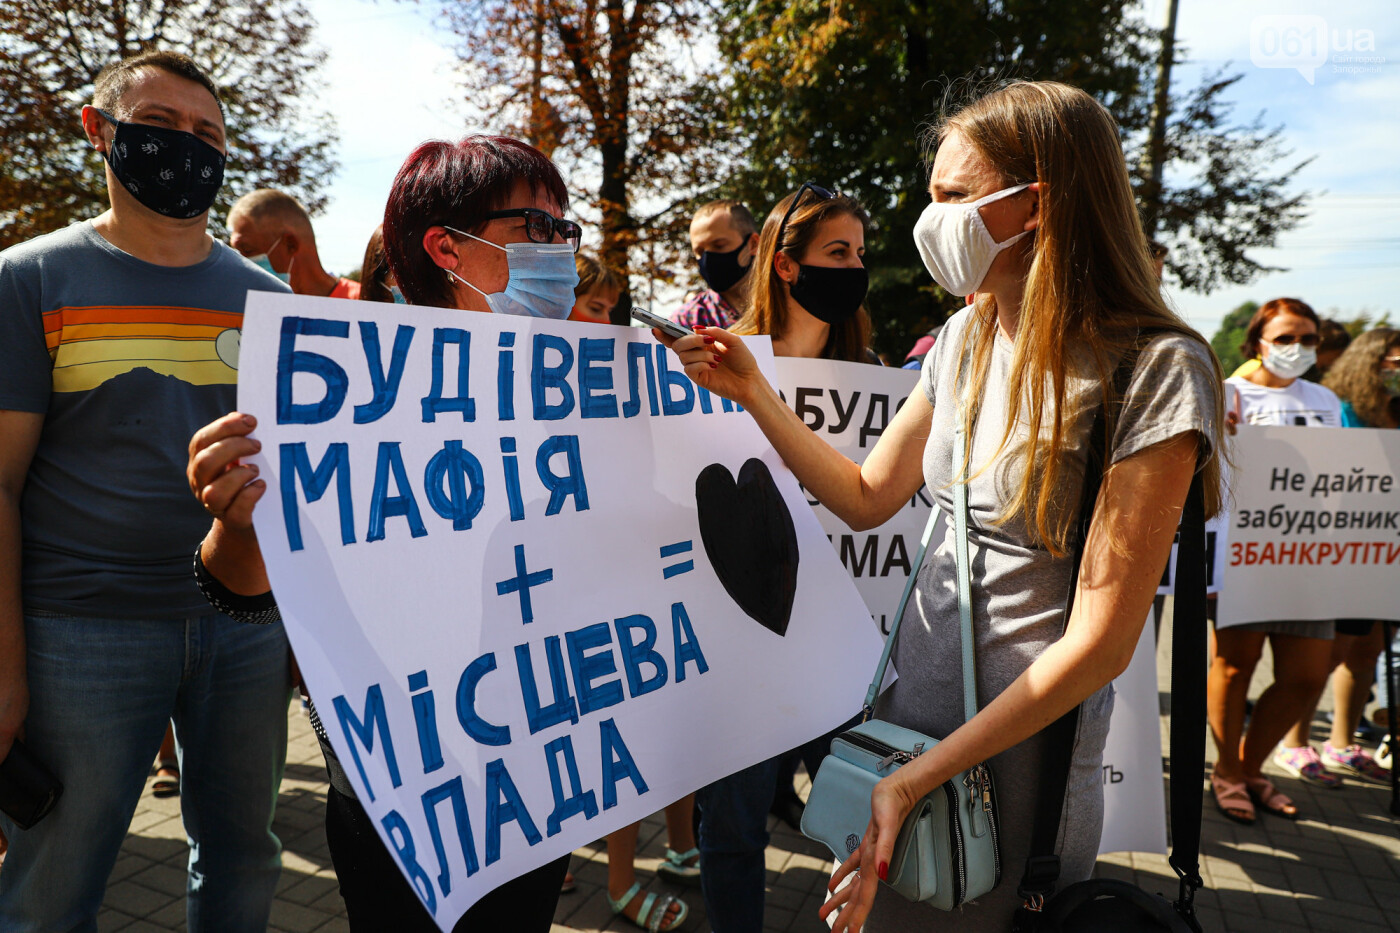 «Я выплачиваю кредит за воздух»: жильцы недостроенных многоэтажек вышли на митинг под стенами мэрии, - ФОТОРЕПОРТАЖ, фото-13